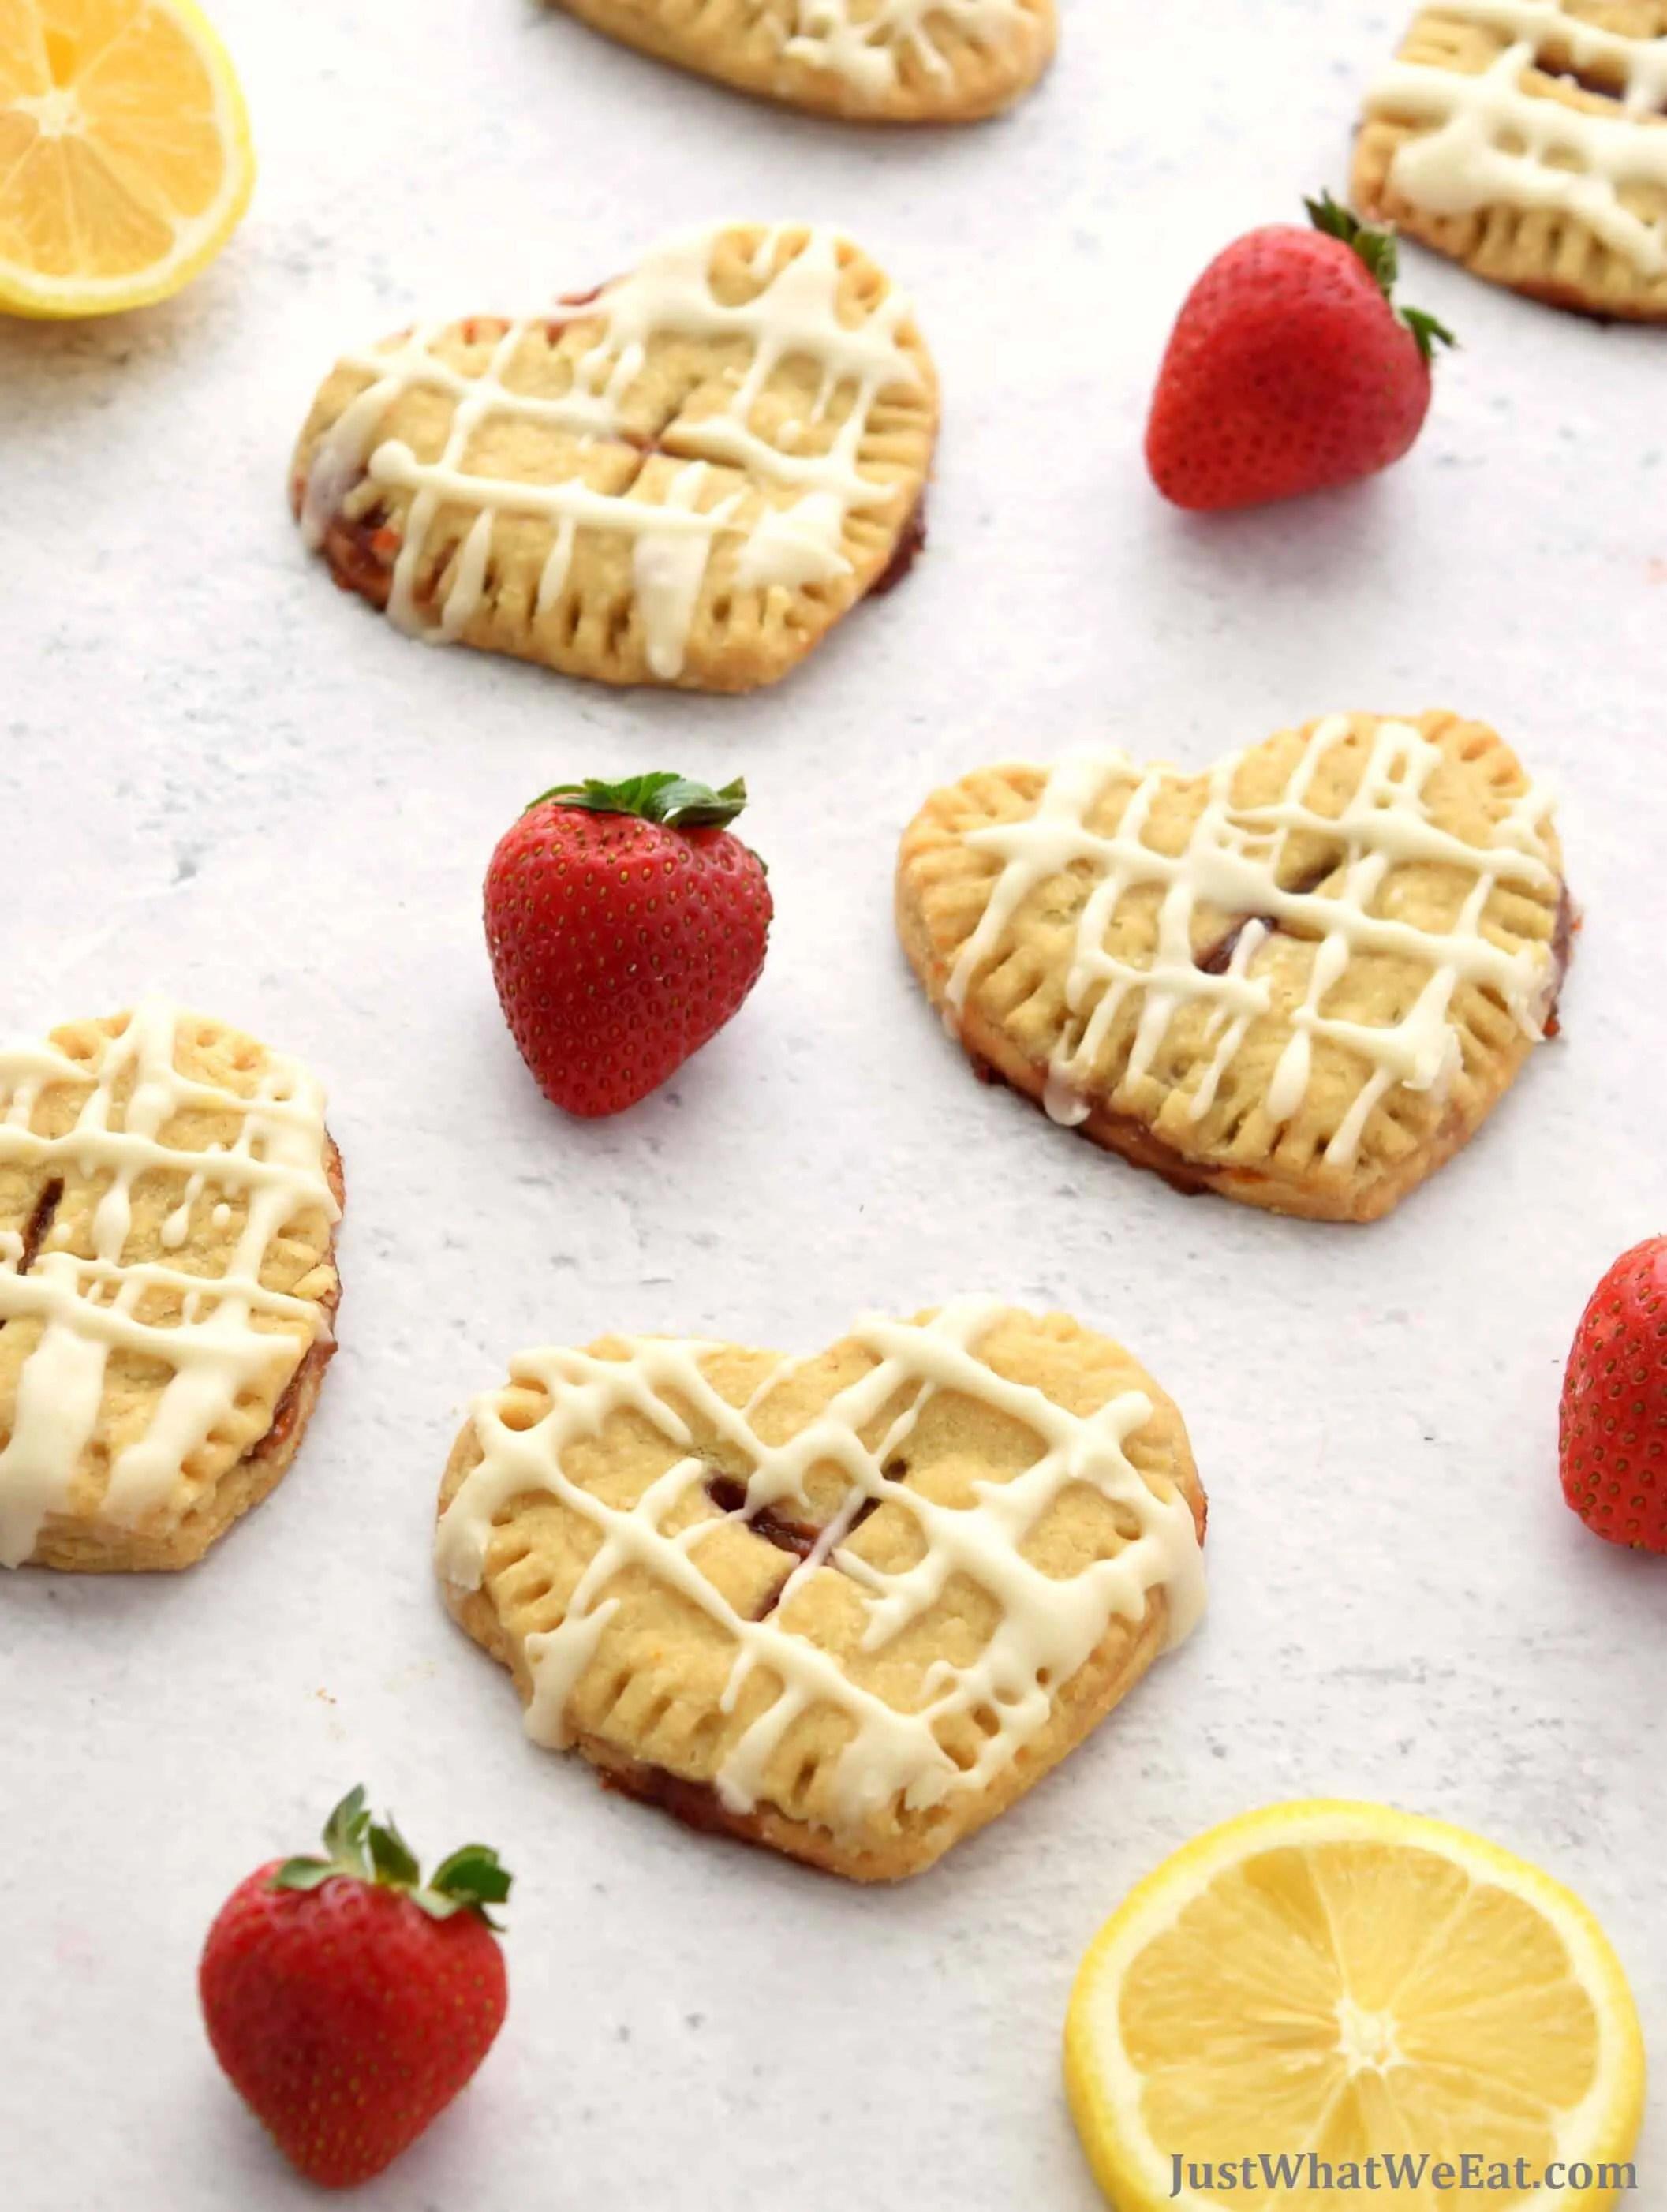 Strawberry Lemon Hand Pies - Gluten Free, Vegan